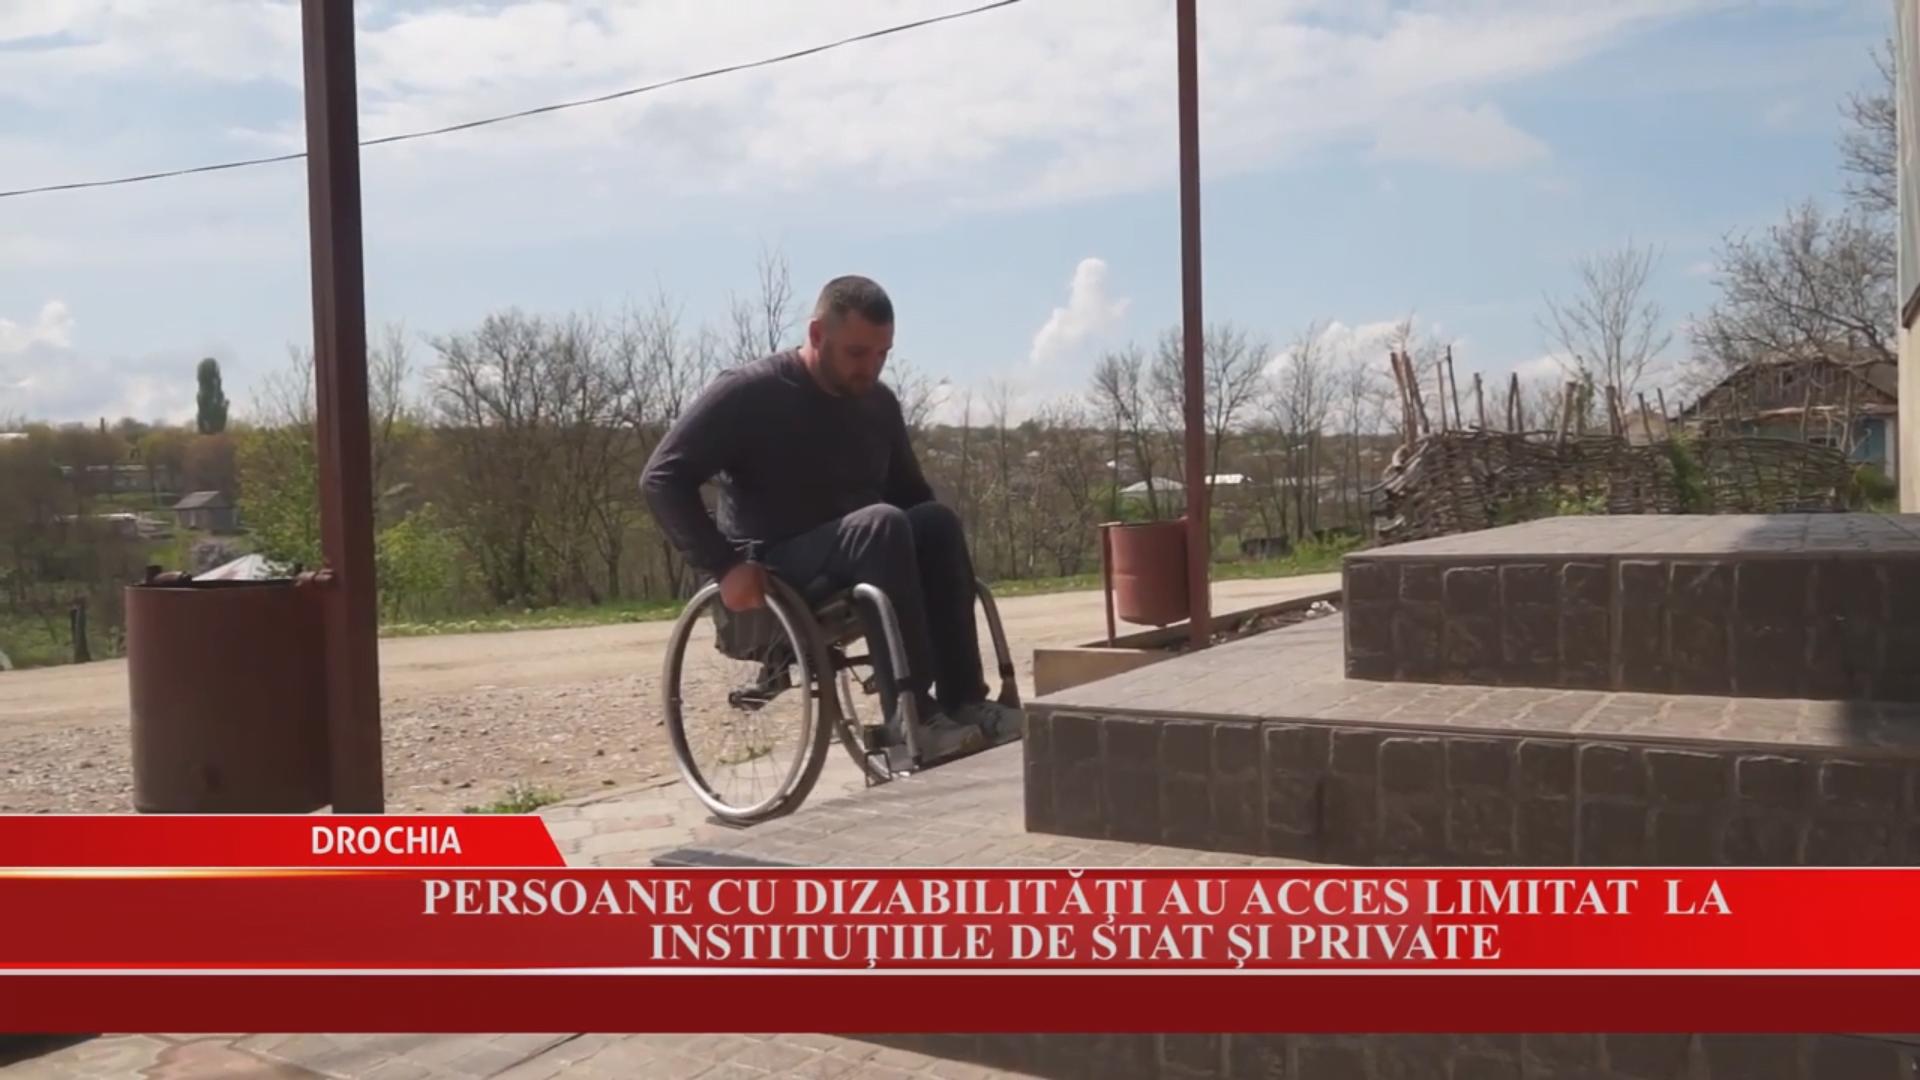 Persoanele cu dizabilități au acces limitat la instituțiile de stat și private